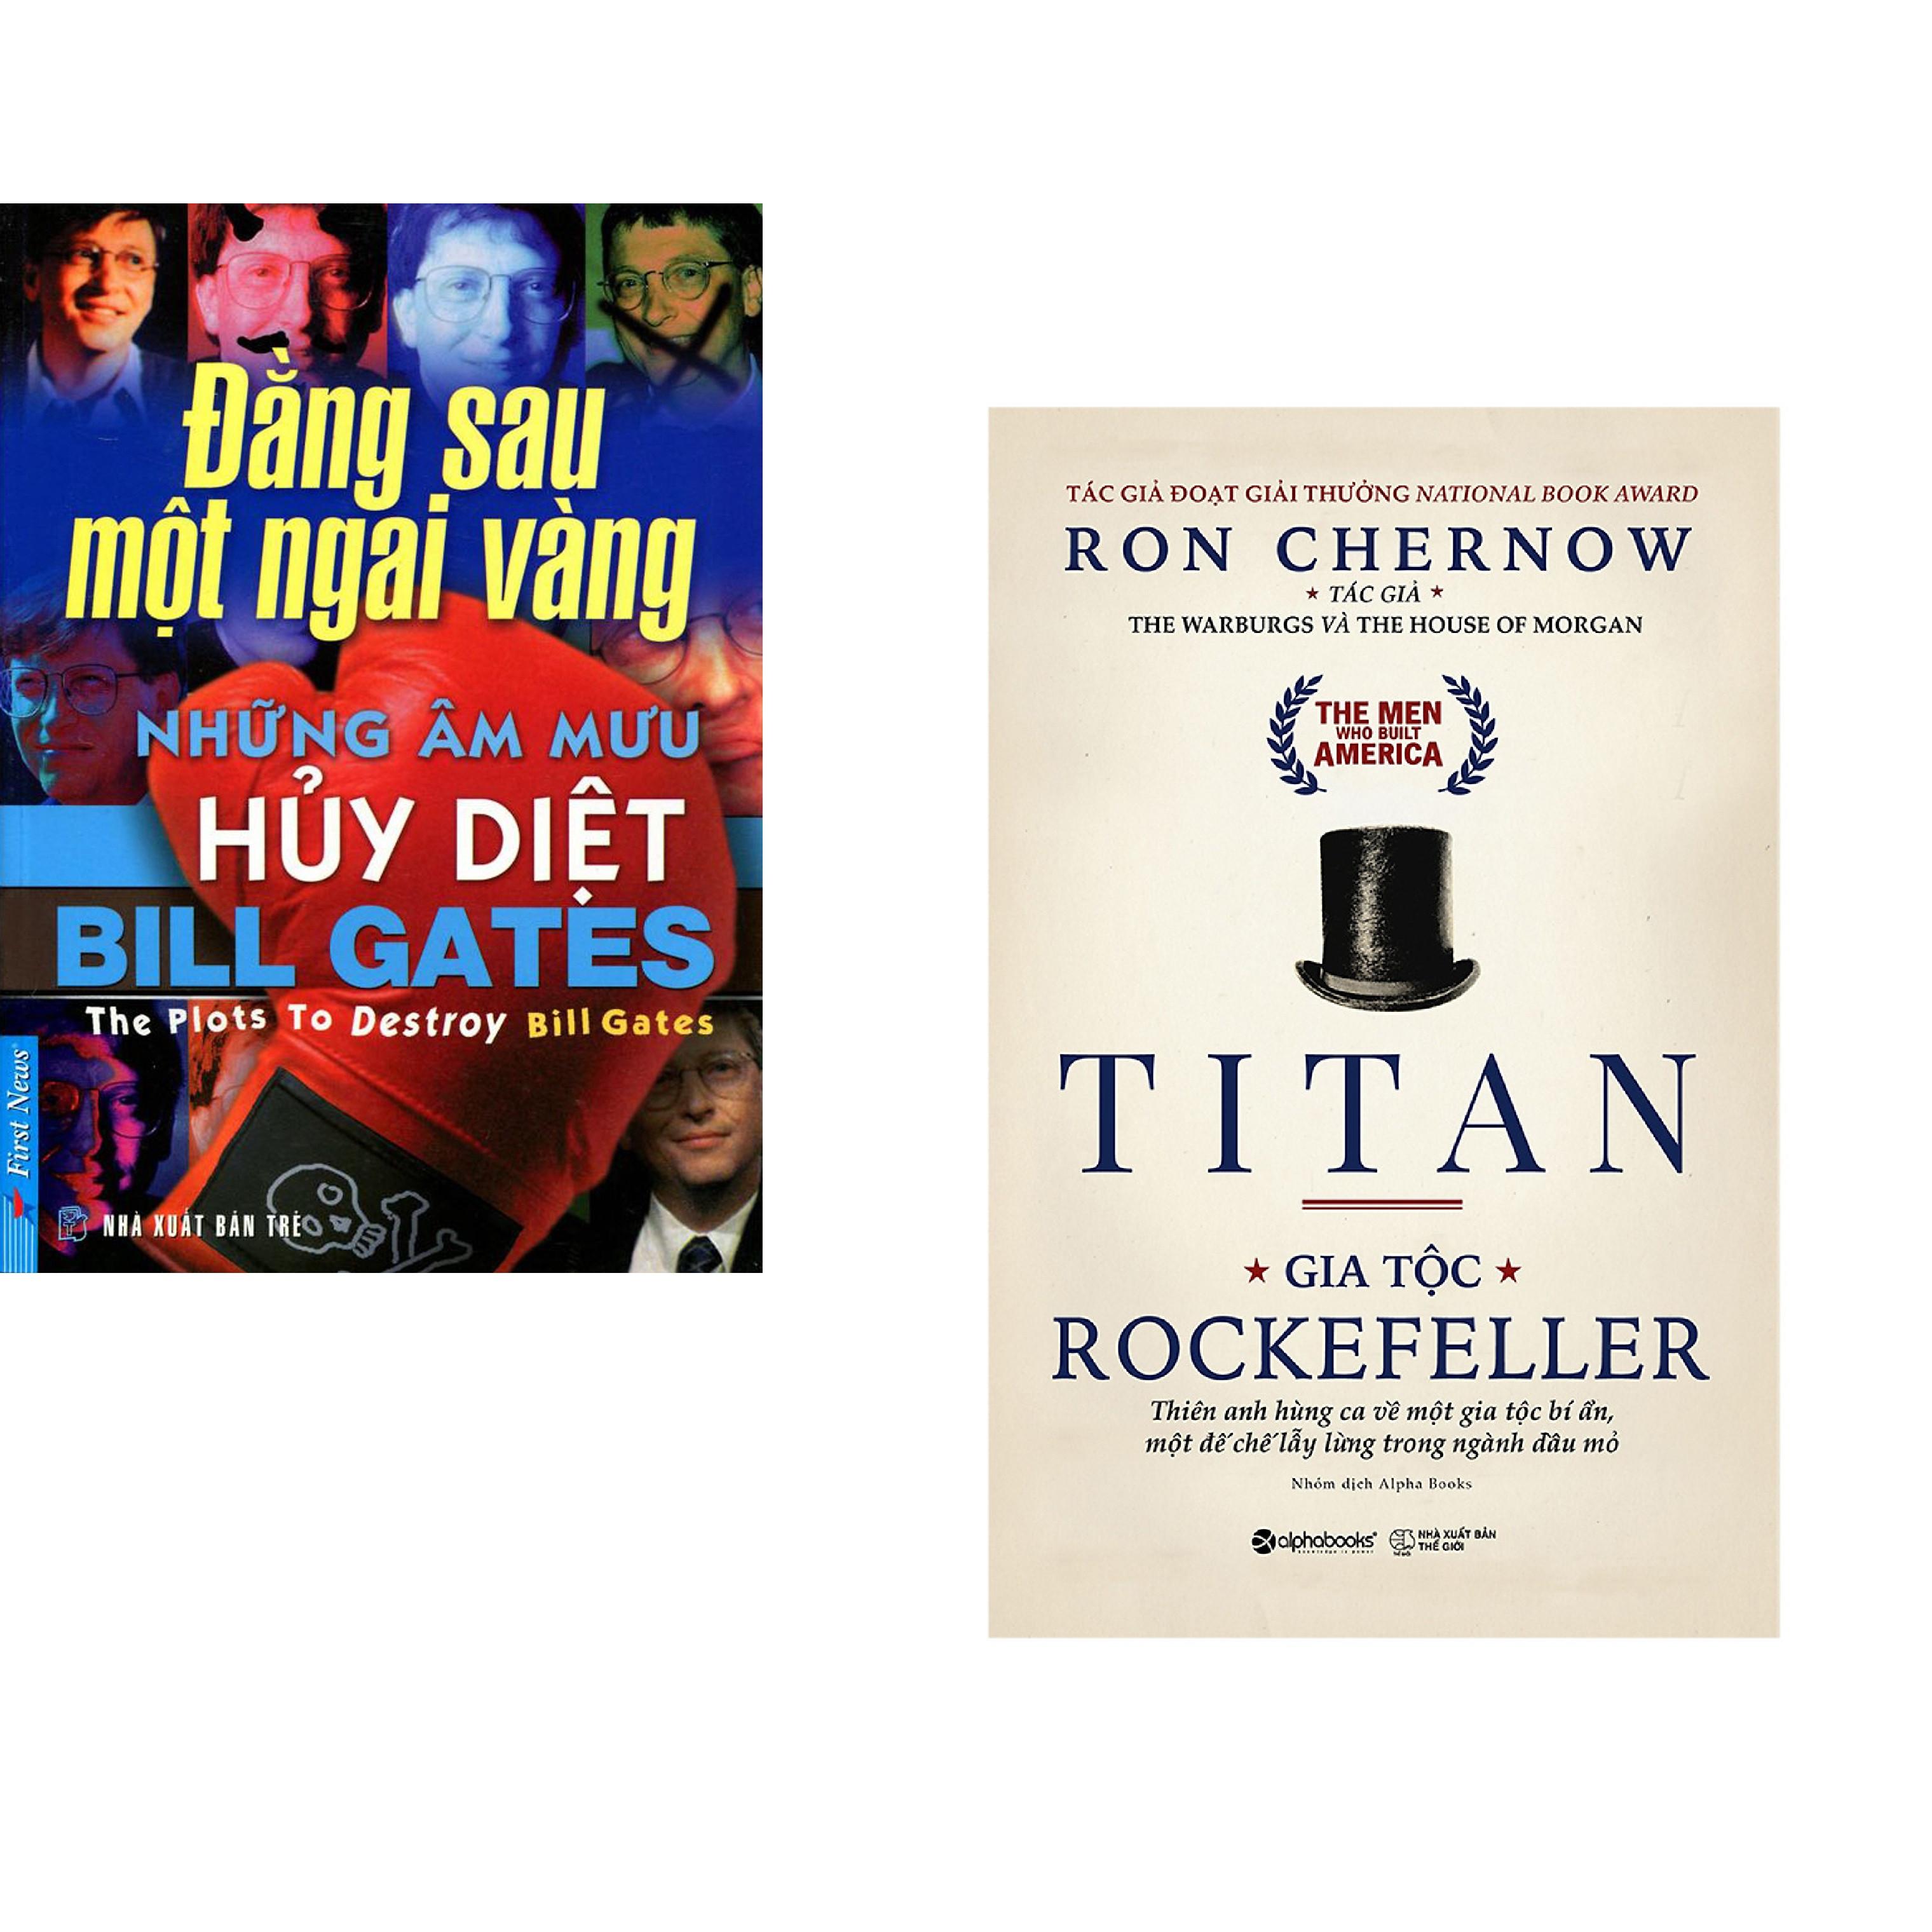 Combo 2 cuốn sách: Bill Gates - Những Âm Mưu Hủy Diệt + Titan - Gia Tộc Rockefeller